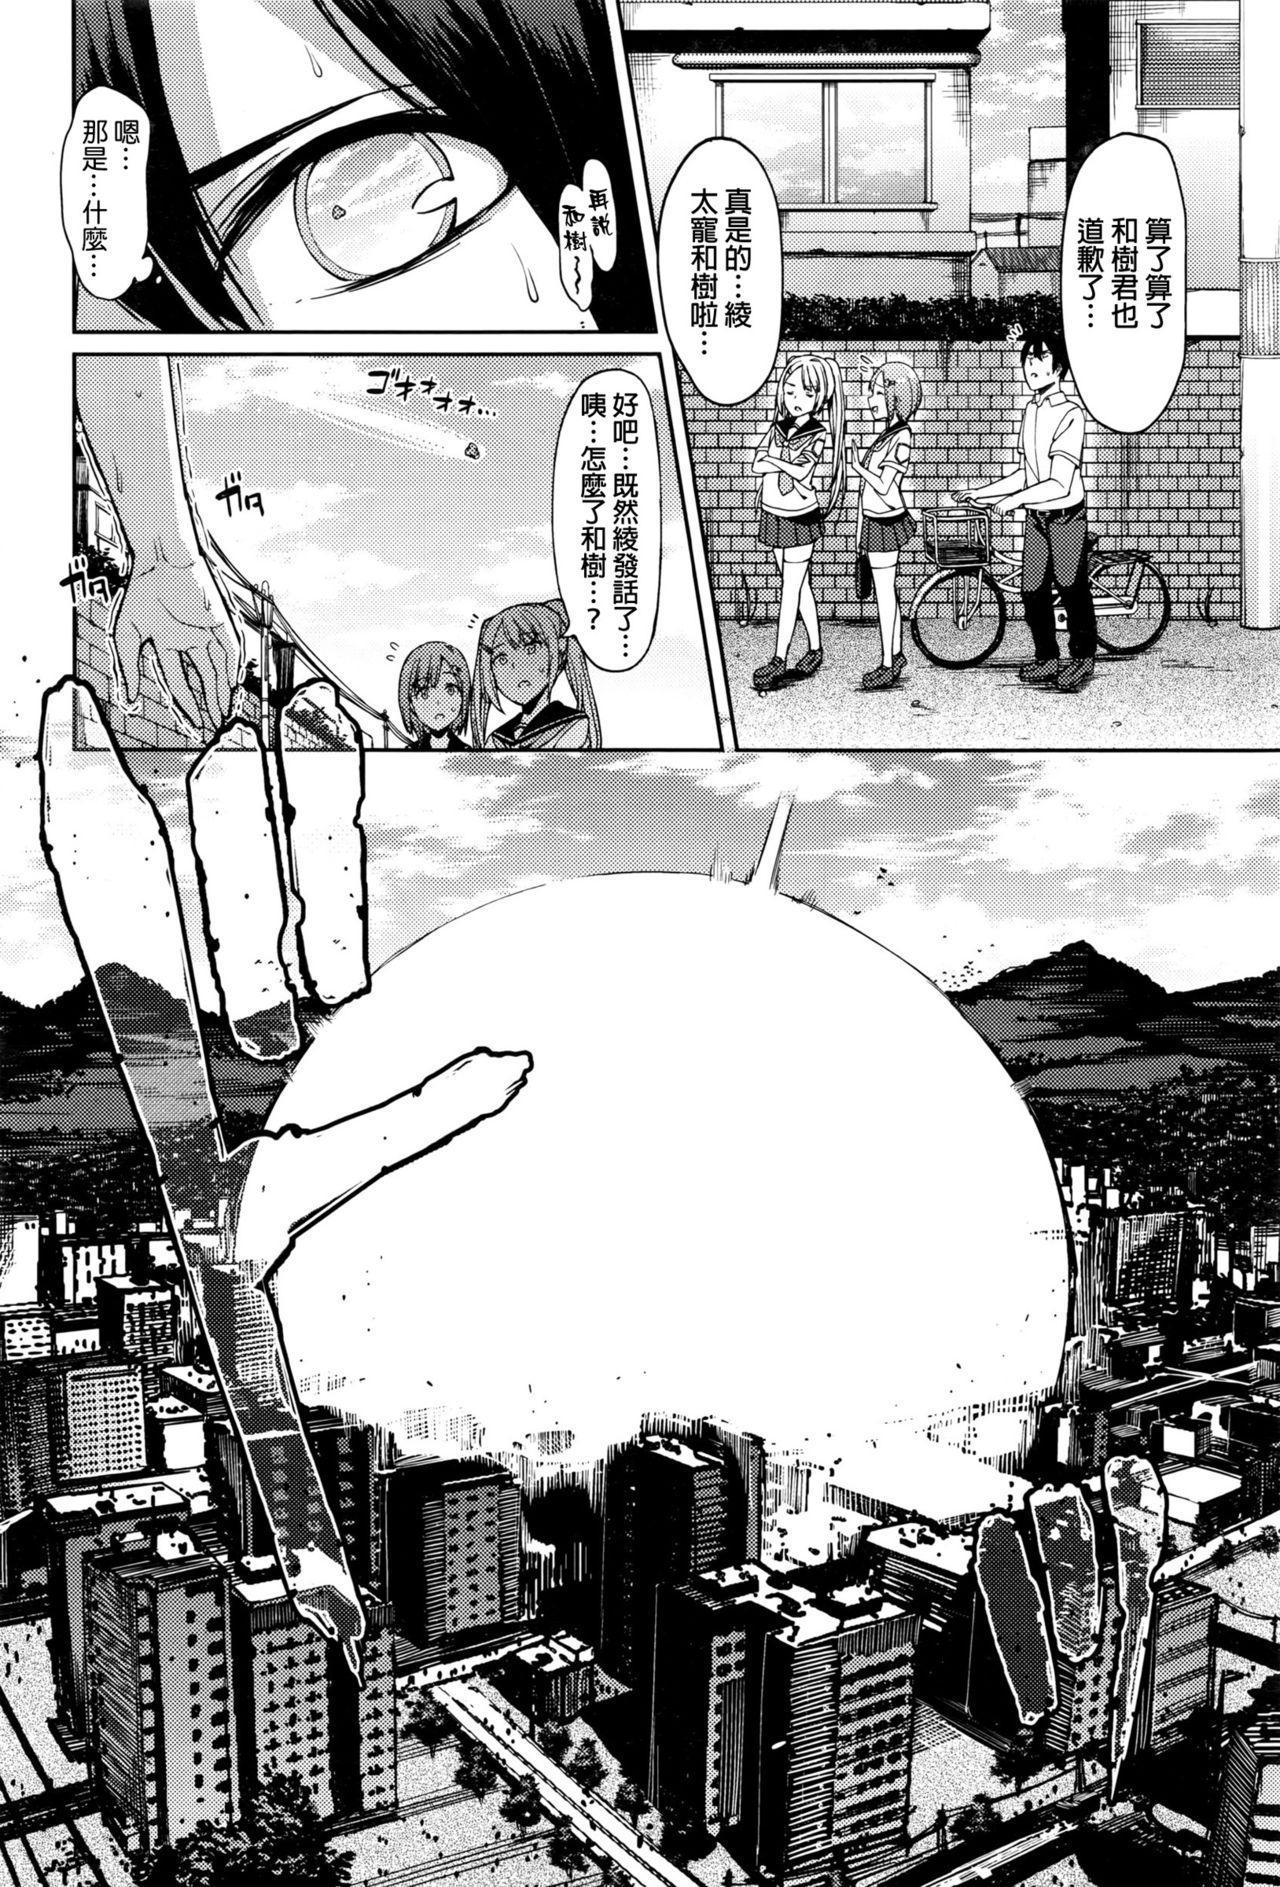 [7zu7] Hita -Erosion- Shoku Dai 1 Yoru (COMIC BAVEL 2016-07) [Chinese] 1